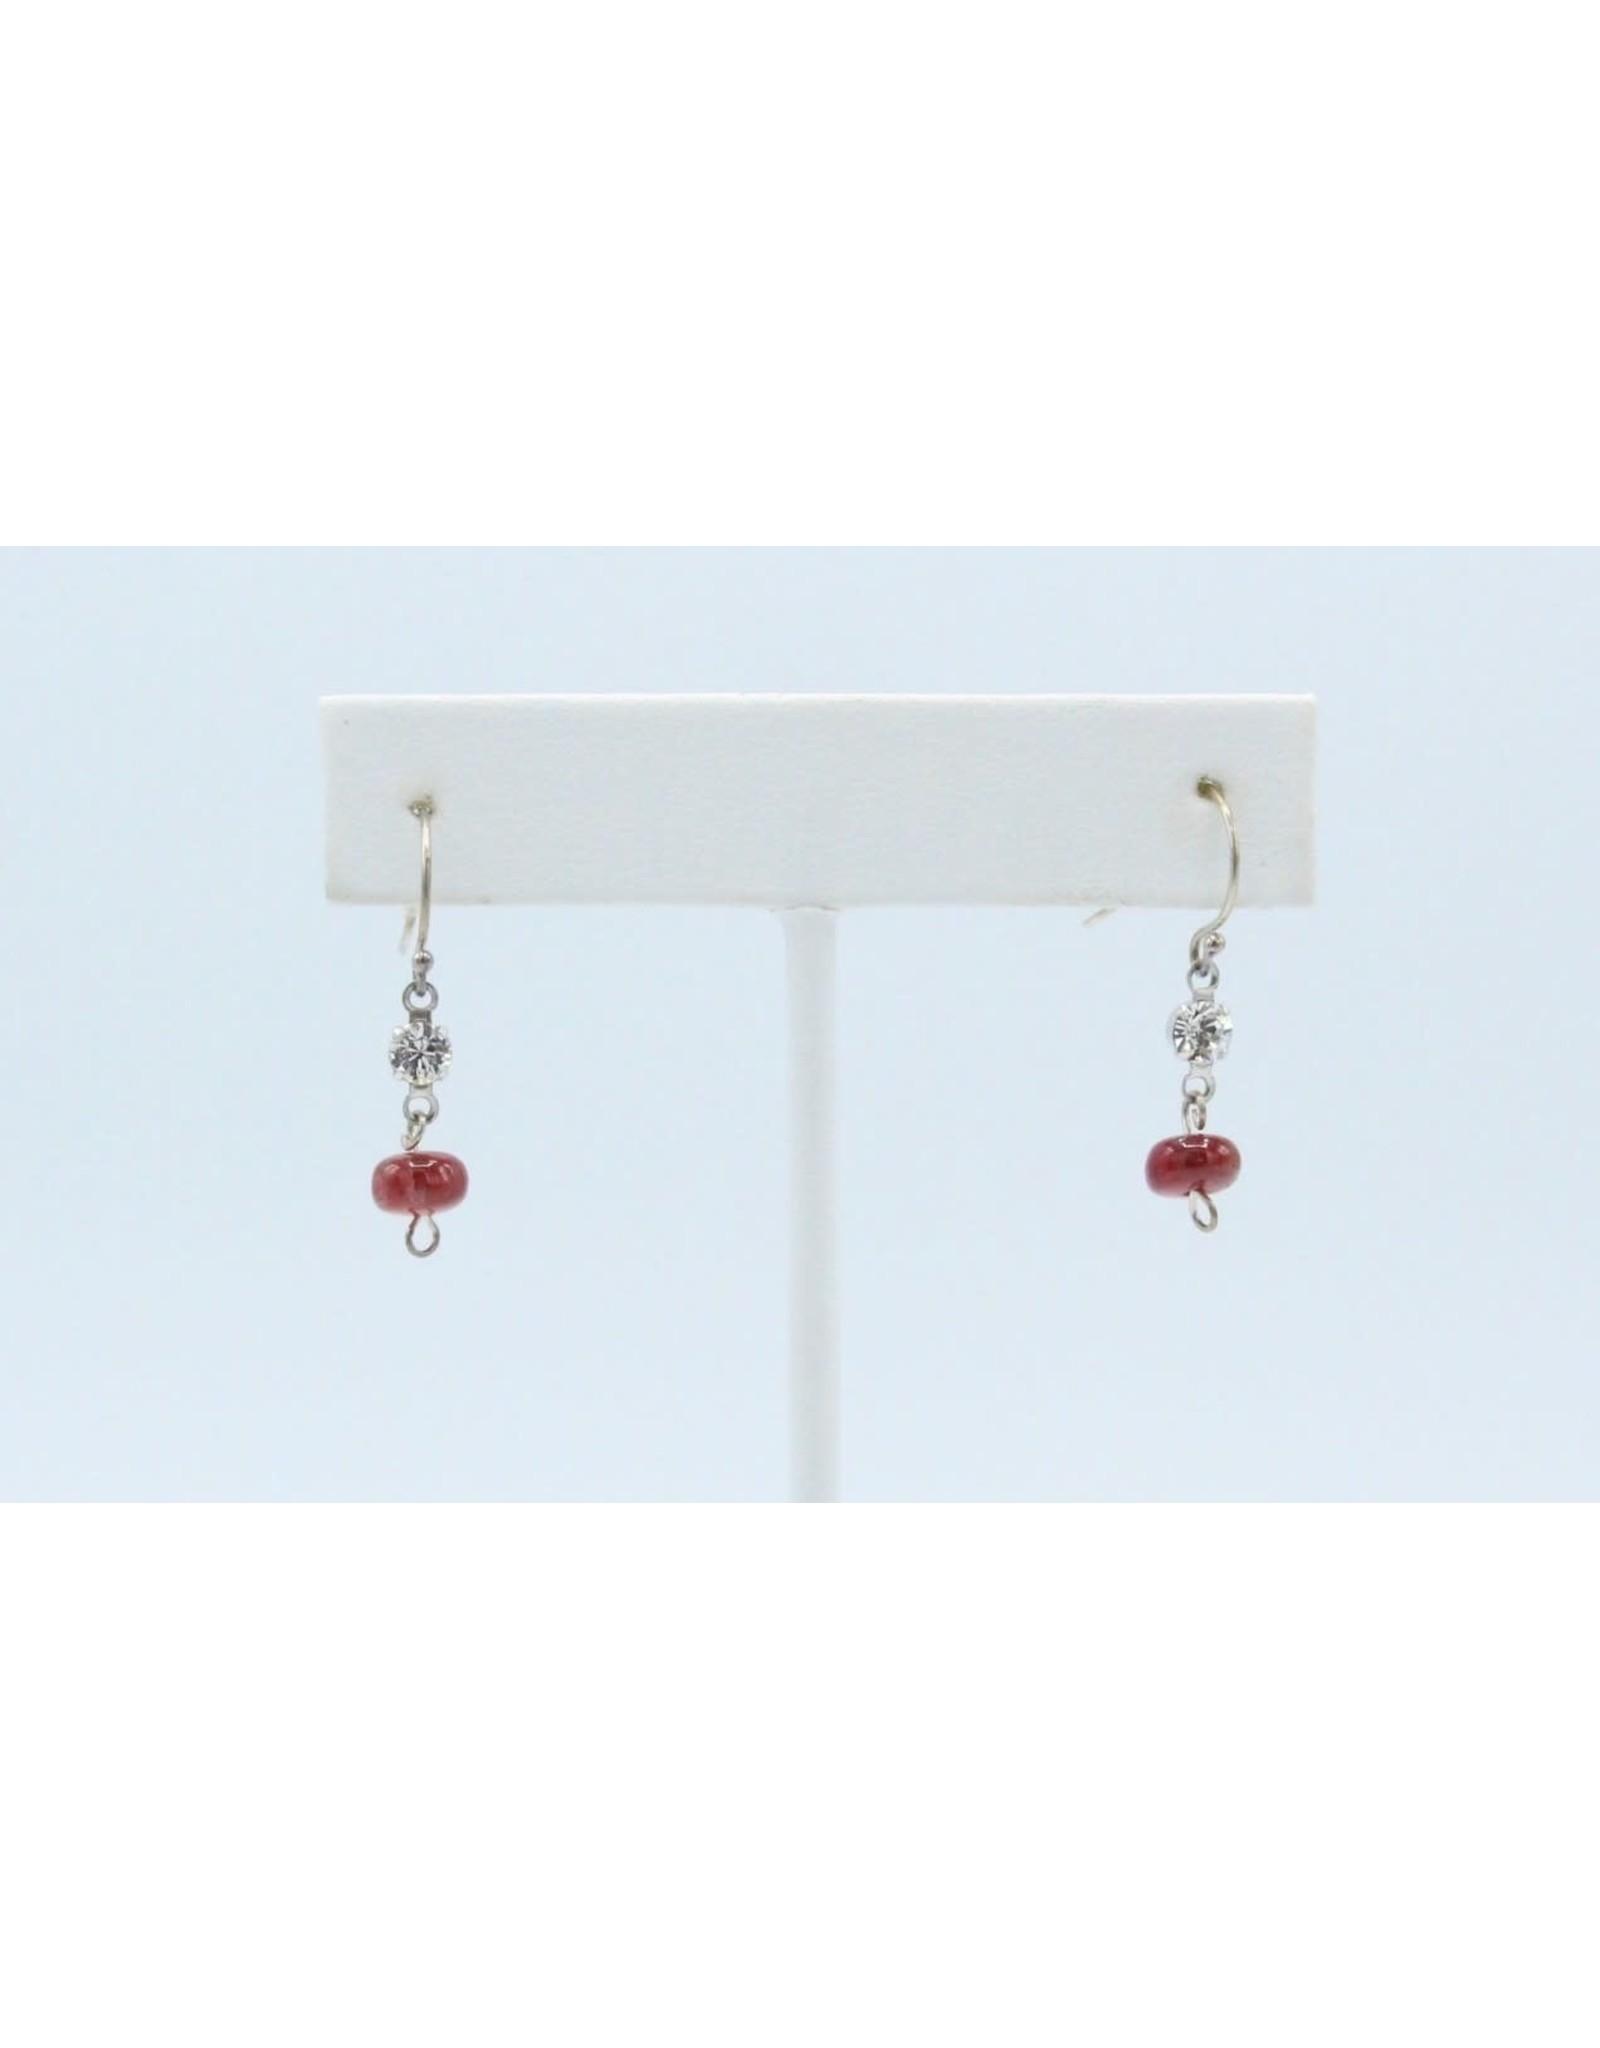 Eudialyte & Swavorski Earrings - EEU06